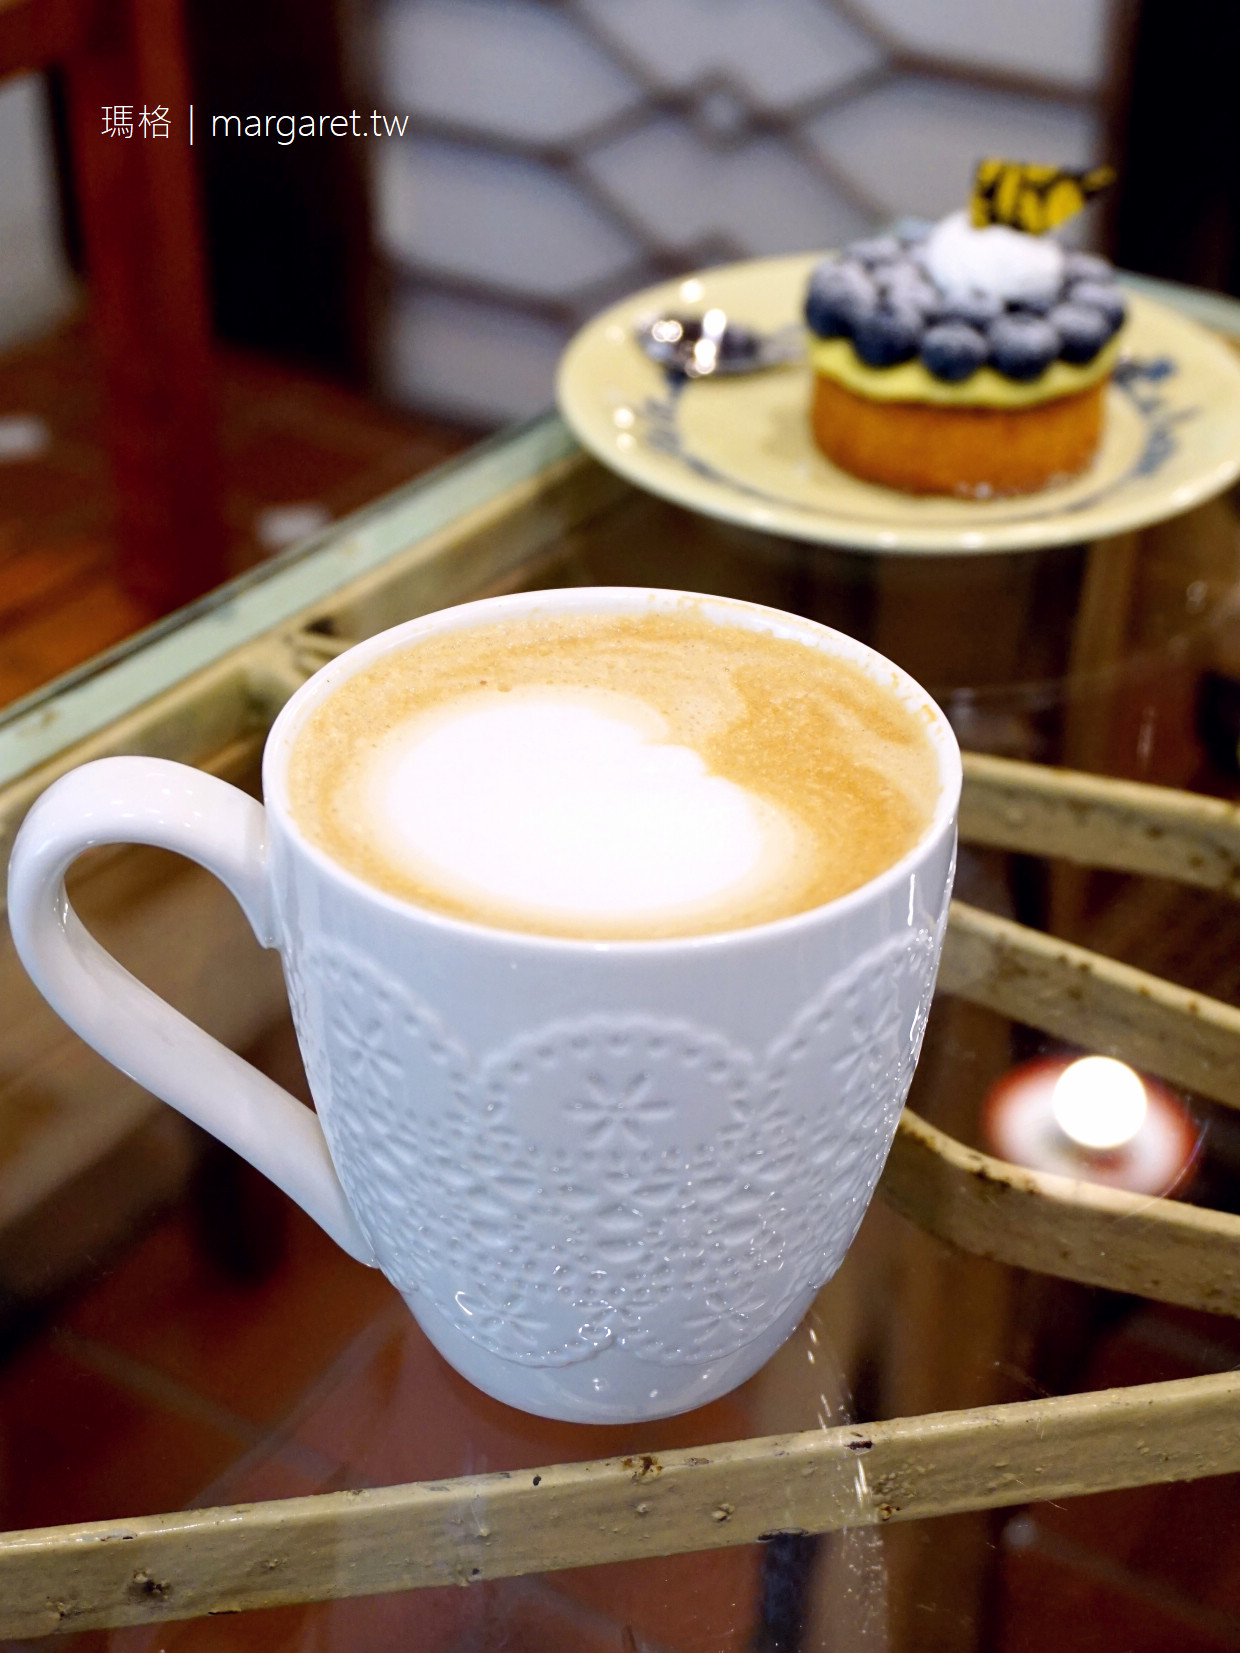 老院子1951。想喝 嘉義手搖茶店與老屋咖啡的合體 (二訪更新)